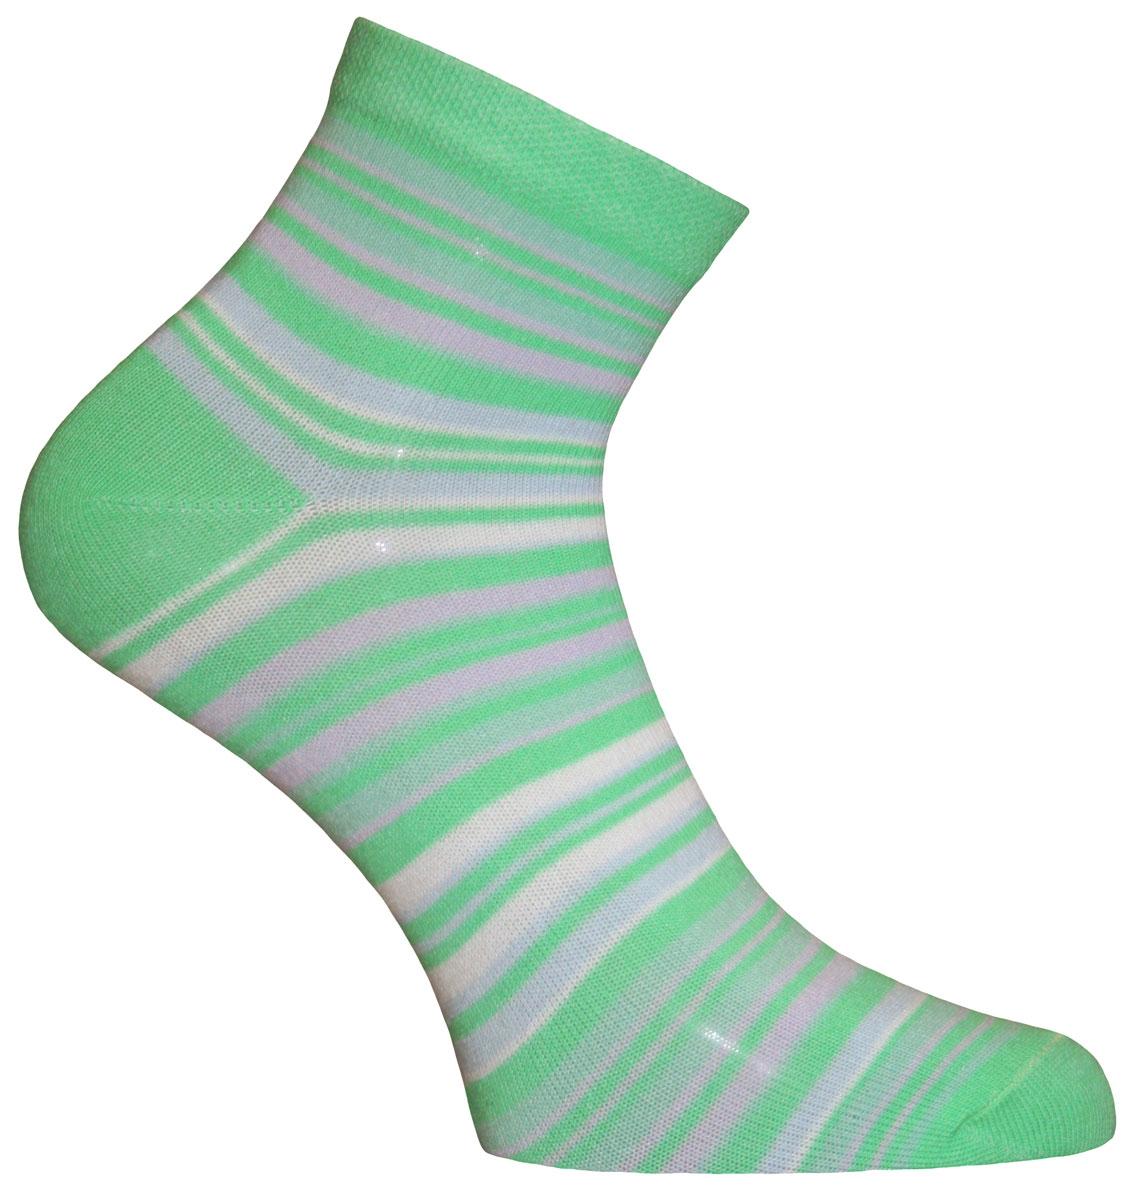 Носки женские Master Socks, цвет: салатовый, светло-серый. 55109. Размер 2355109Носки Master Socks изготовлены из индийского хлопка с добавлением полиамида и эластана, очень удобных и приятных при носке. Модель оформлена принтом в полоску. Эластичная резинка плотно облегает ногу, не сдавливая ее, обеспечивая комфорт и удобство.